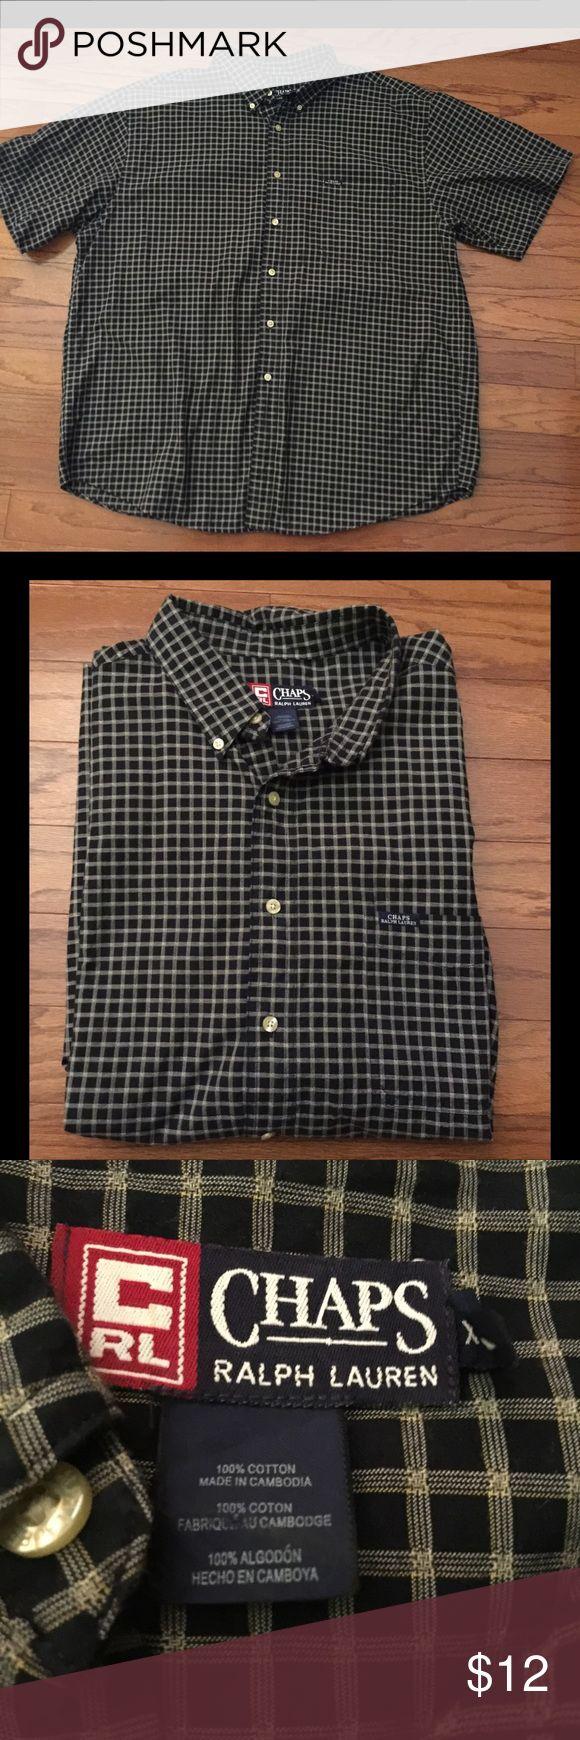 Men's Chaps by Ralph Lauren Shirt Men's Chap by Ralph Lauren Shirt. In great condition. Size XXL Chaps Shirts Casual Button Down Shirts